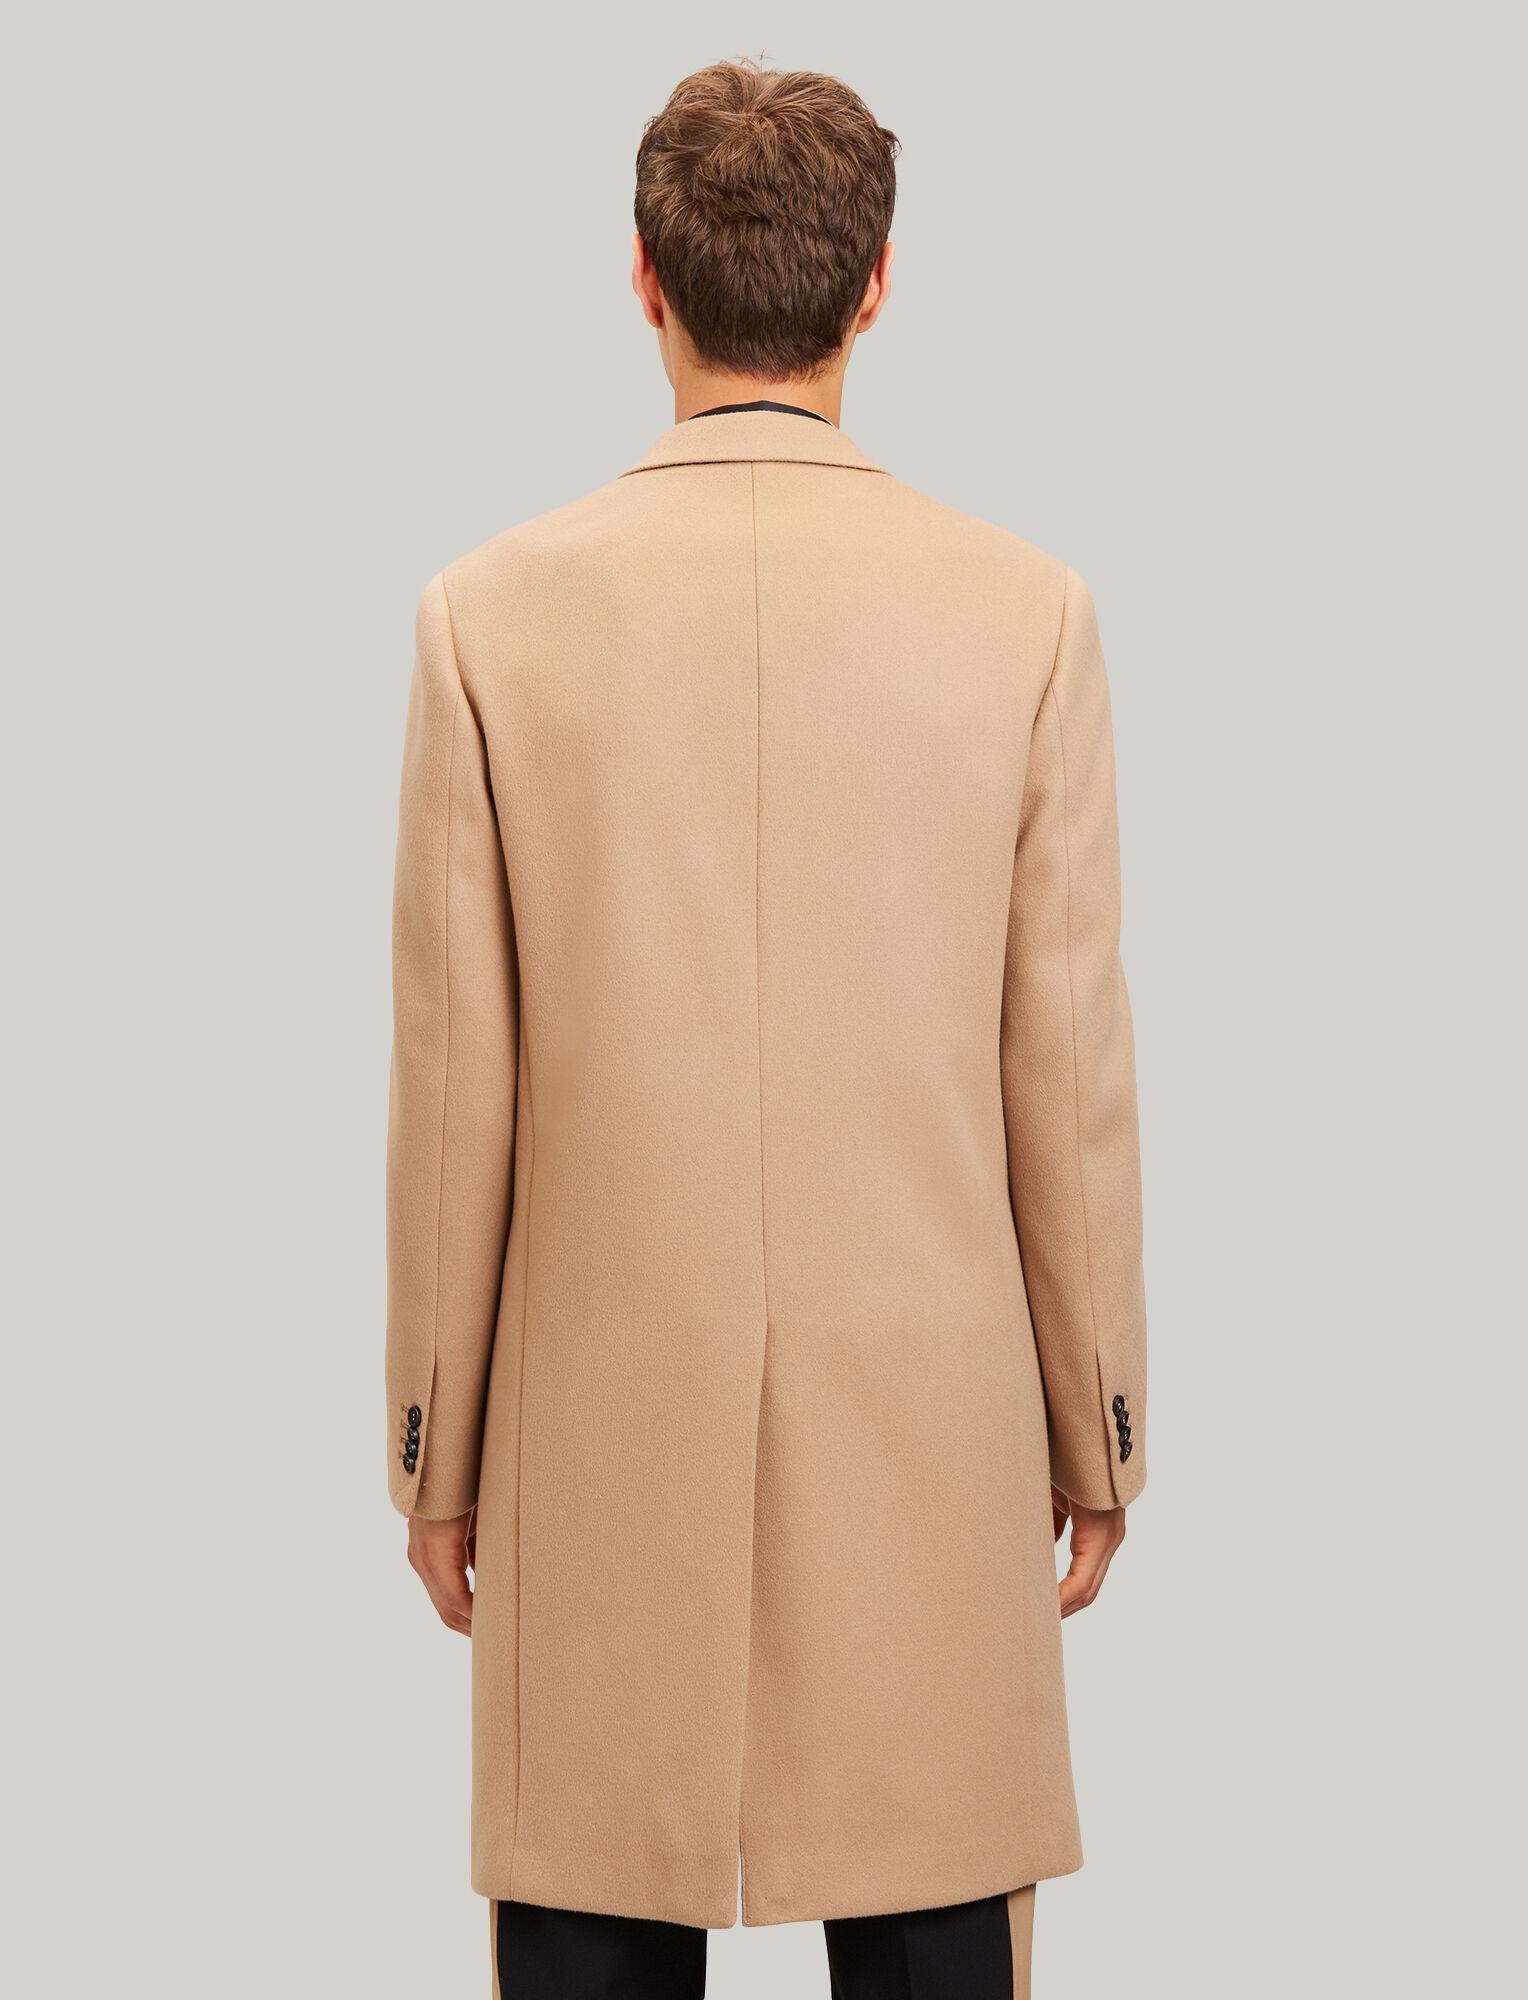 Joseph, London Double Wool Coat, in CAMEL